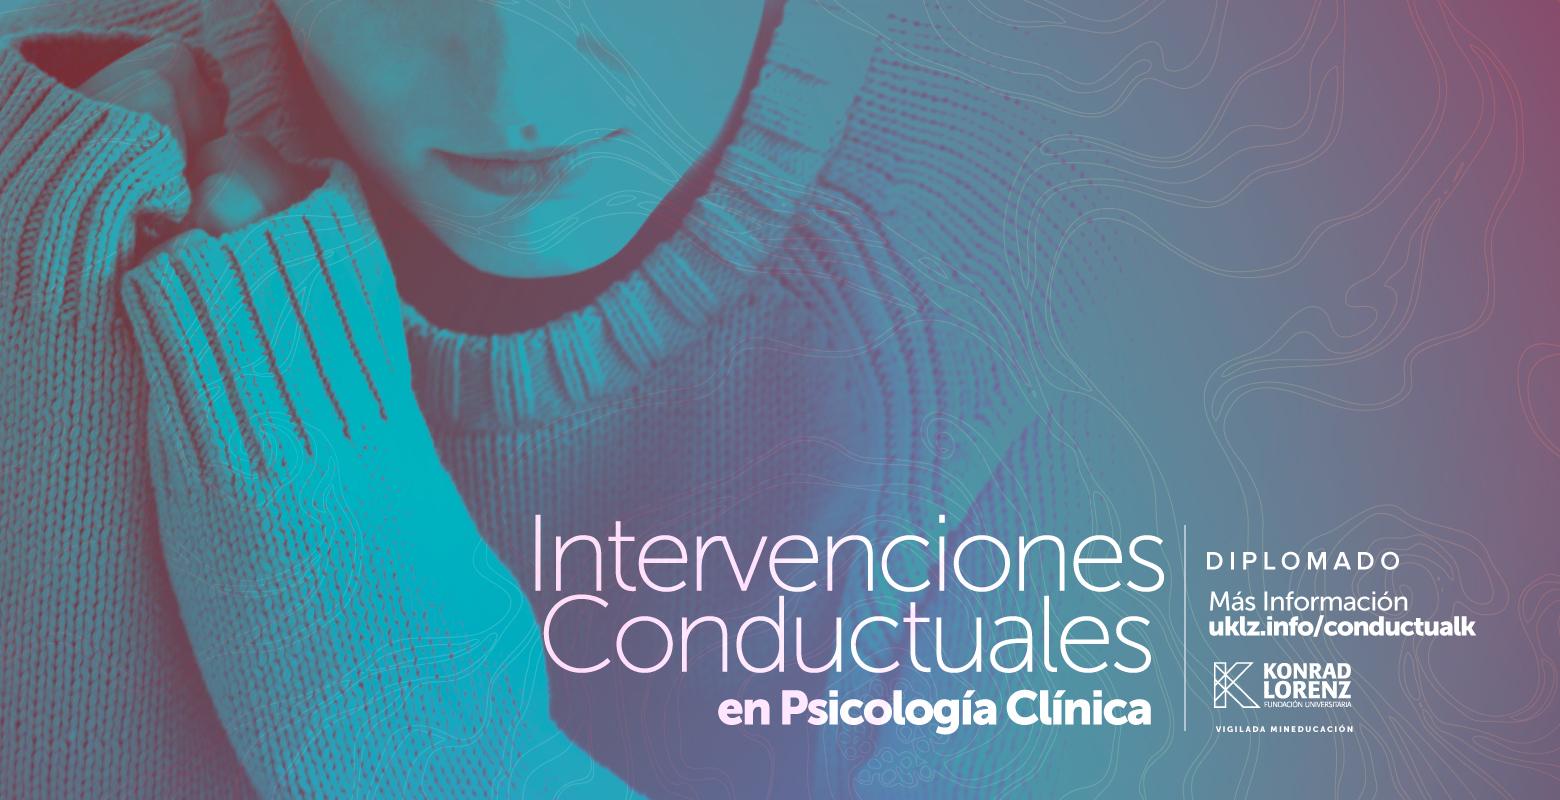 Diplomado en Intervenciones Conductuales en Psicología Clínica